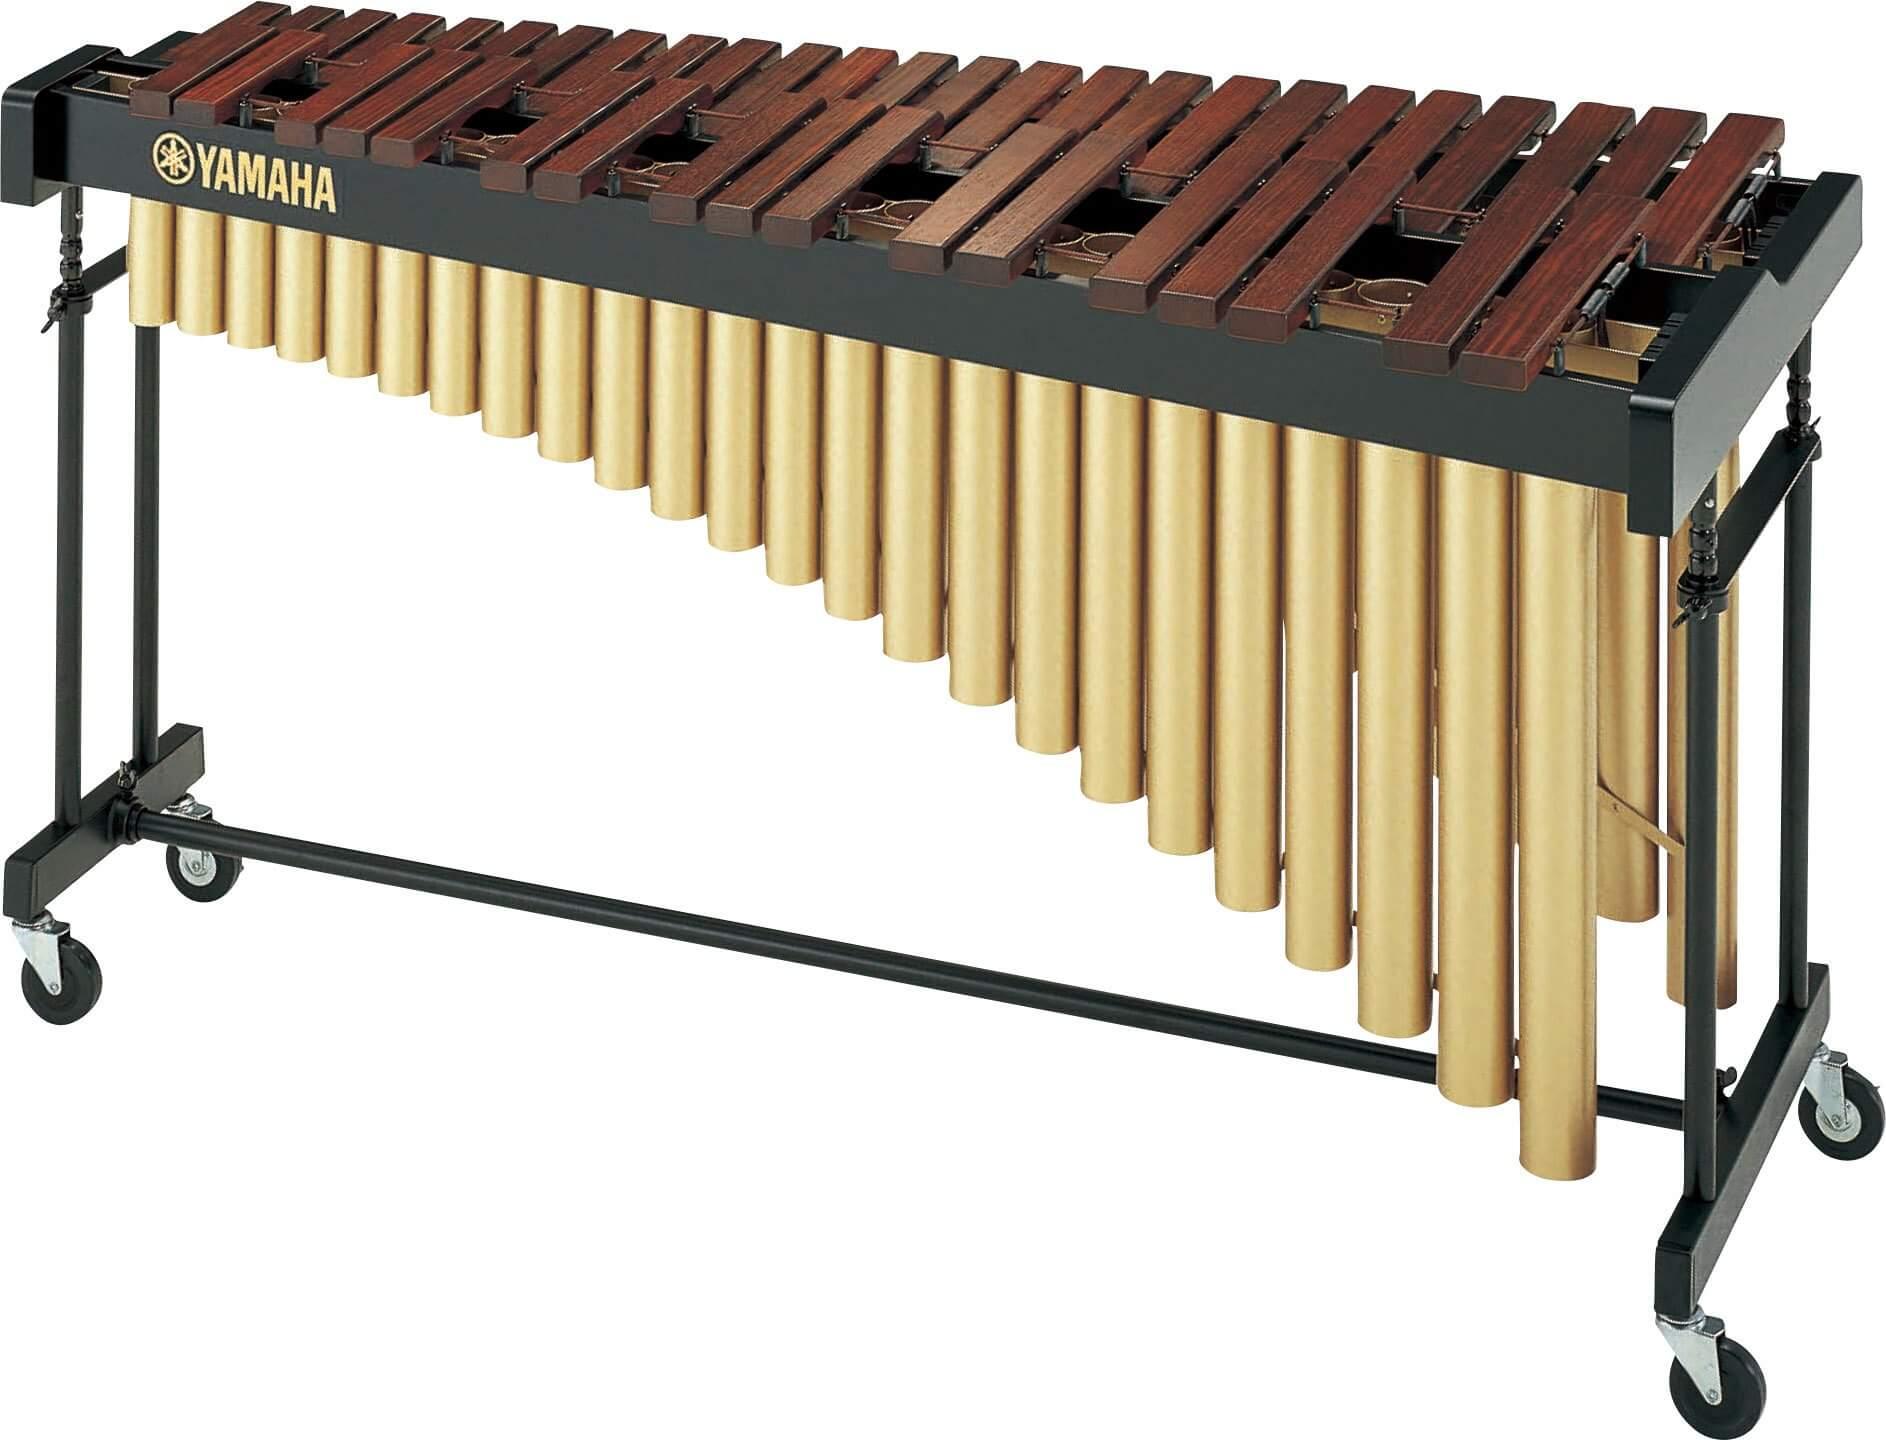 Marimba Yamaha Ym 40